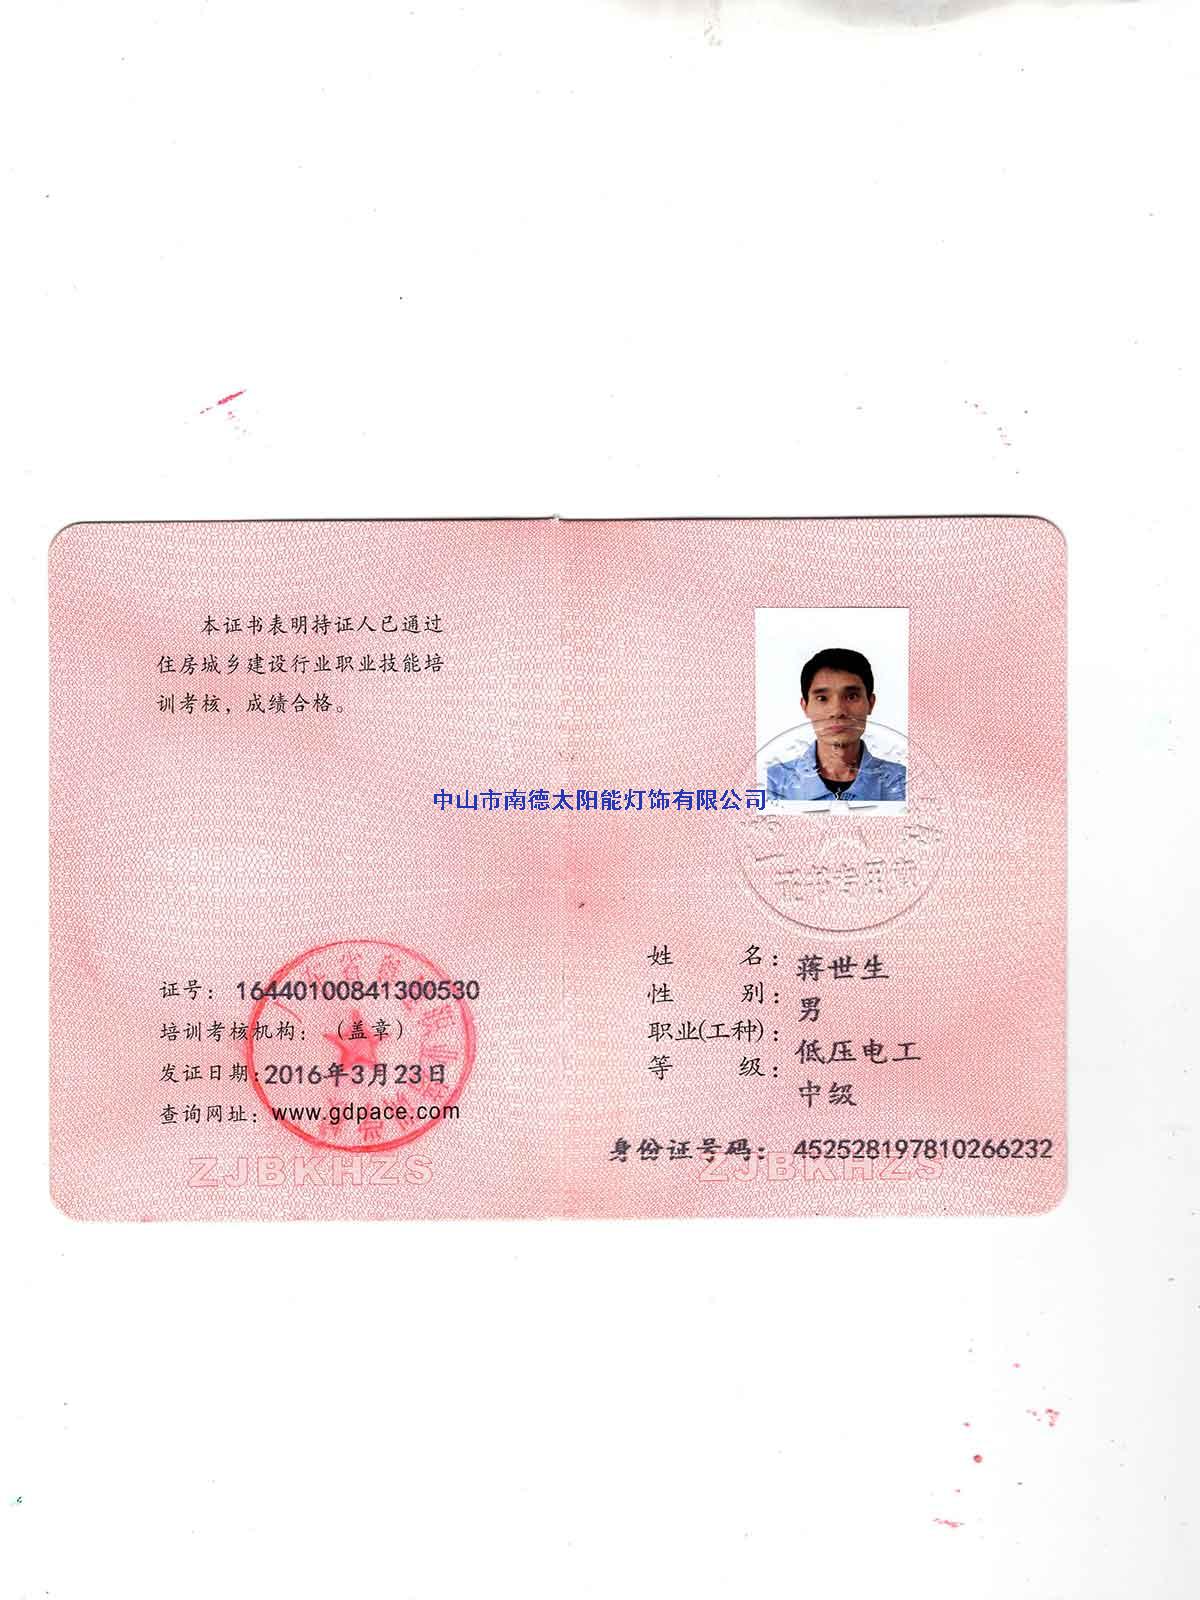 低压电工证-蒋世生